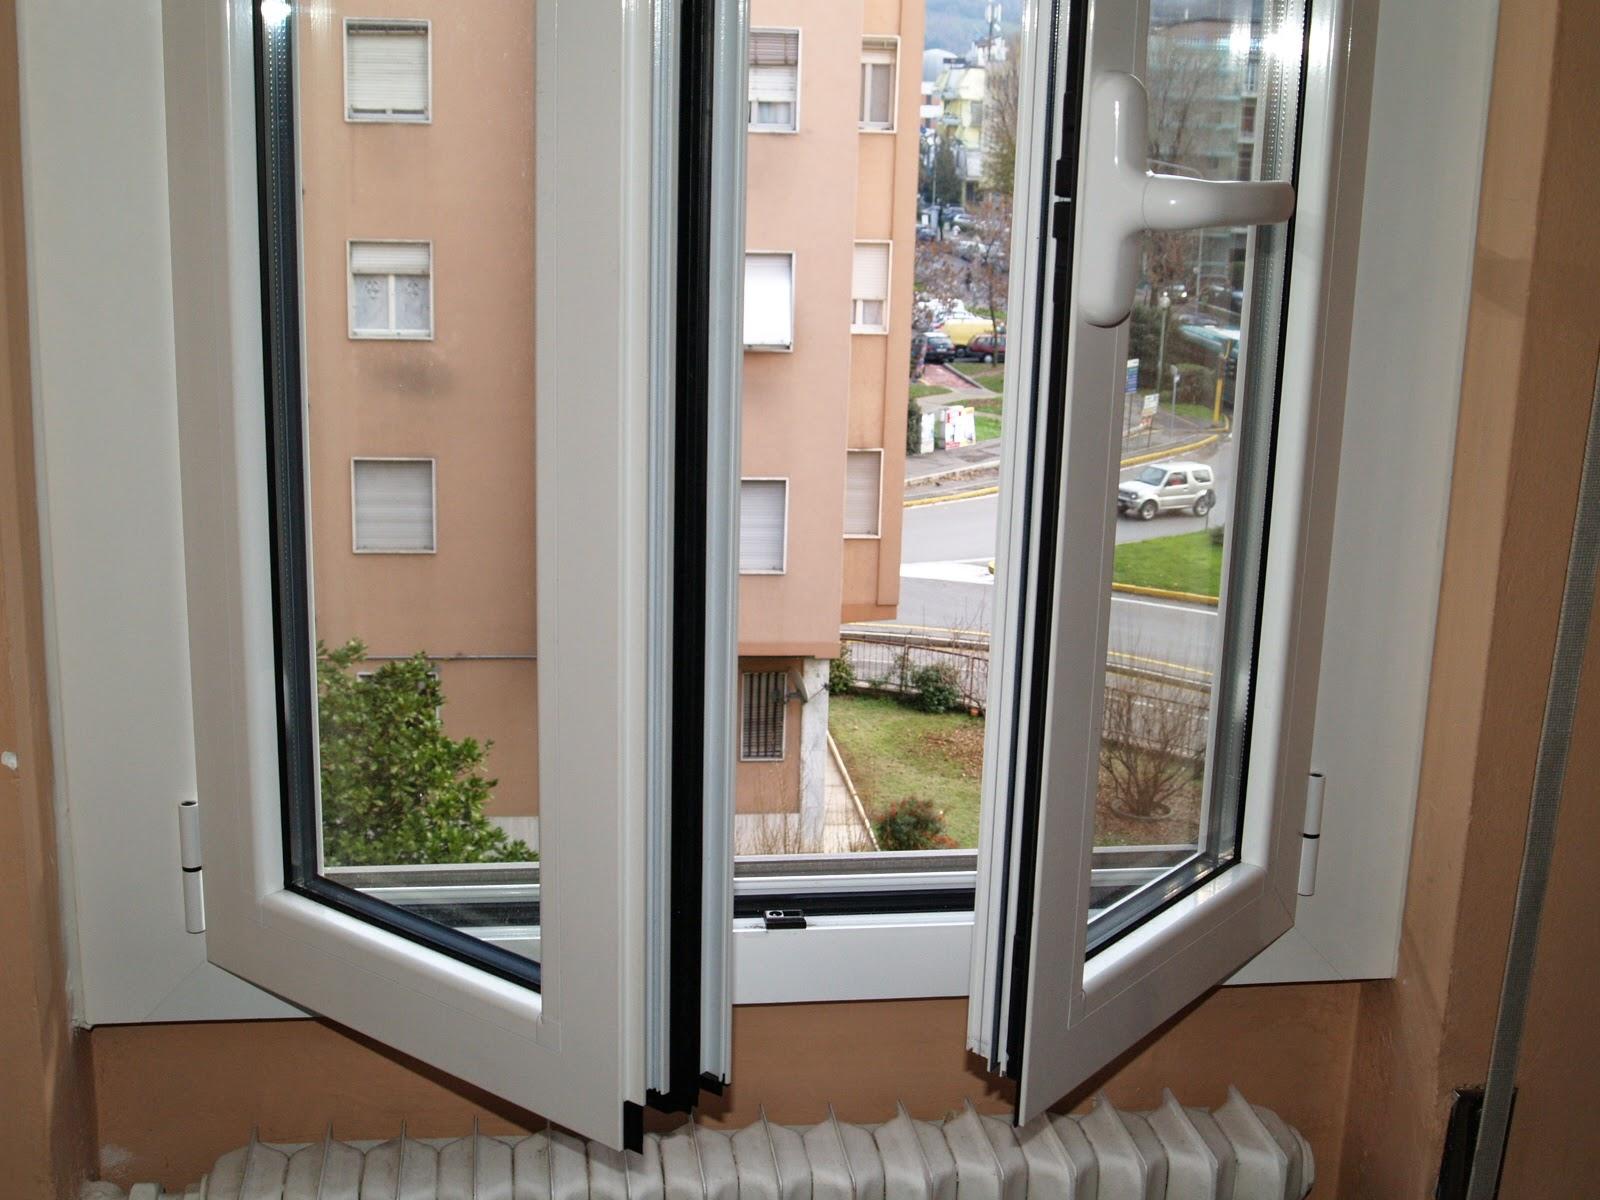 Serramenti l 39 ecobonus detrazione irpef 65 sulle - Detrazione 65 finestre ...